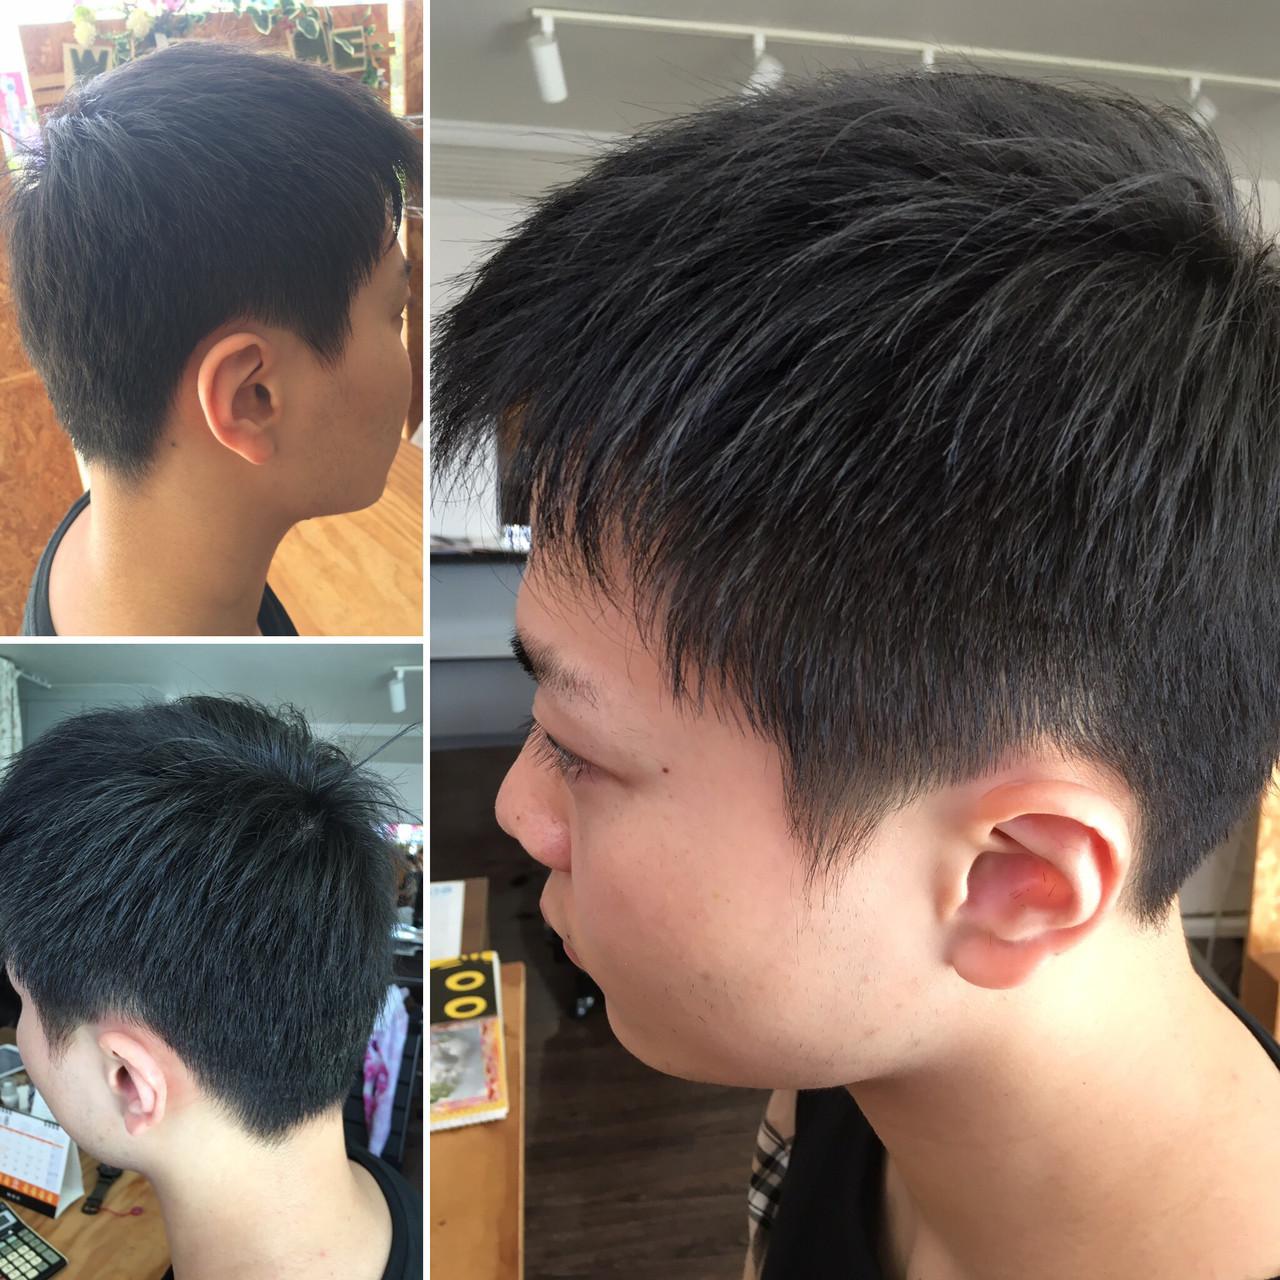 黒髪 ショート ストリート メンズショート ヘアスタイルや髪型の写真・画像